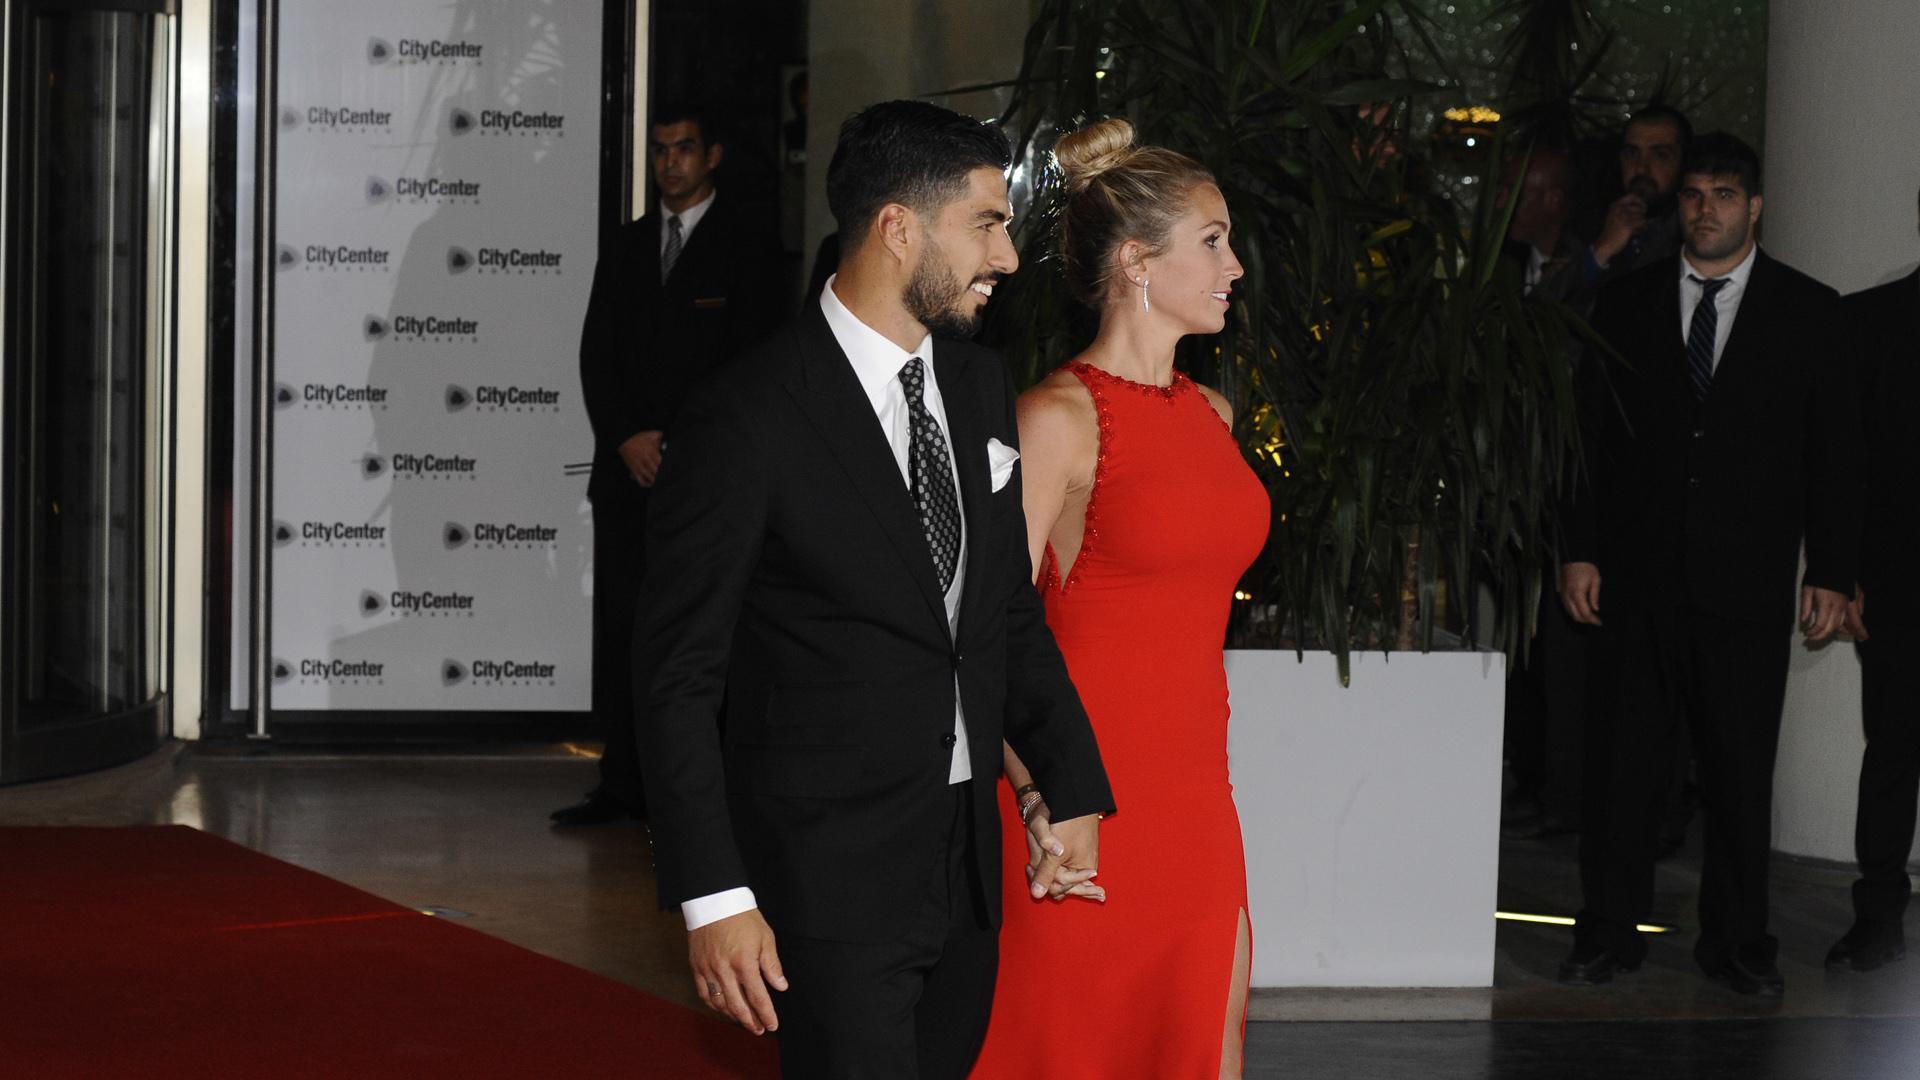 Suárez mantiene una gran relación de amistad con Messi. Balbi, por su parte, es íntima de Antonela ysuelen veranear juntos en ibiza